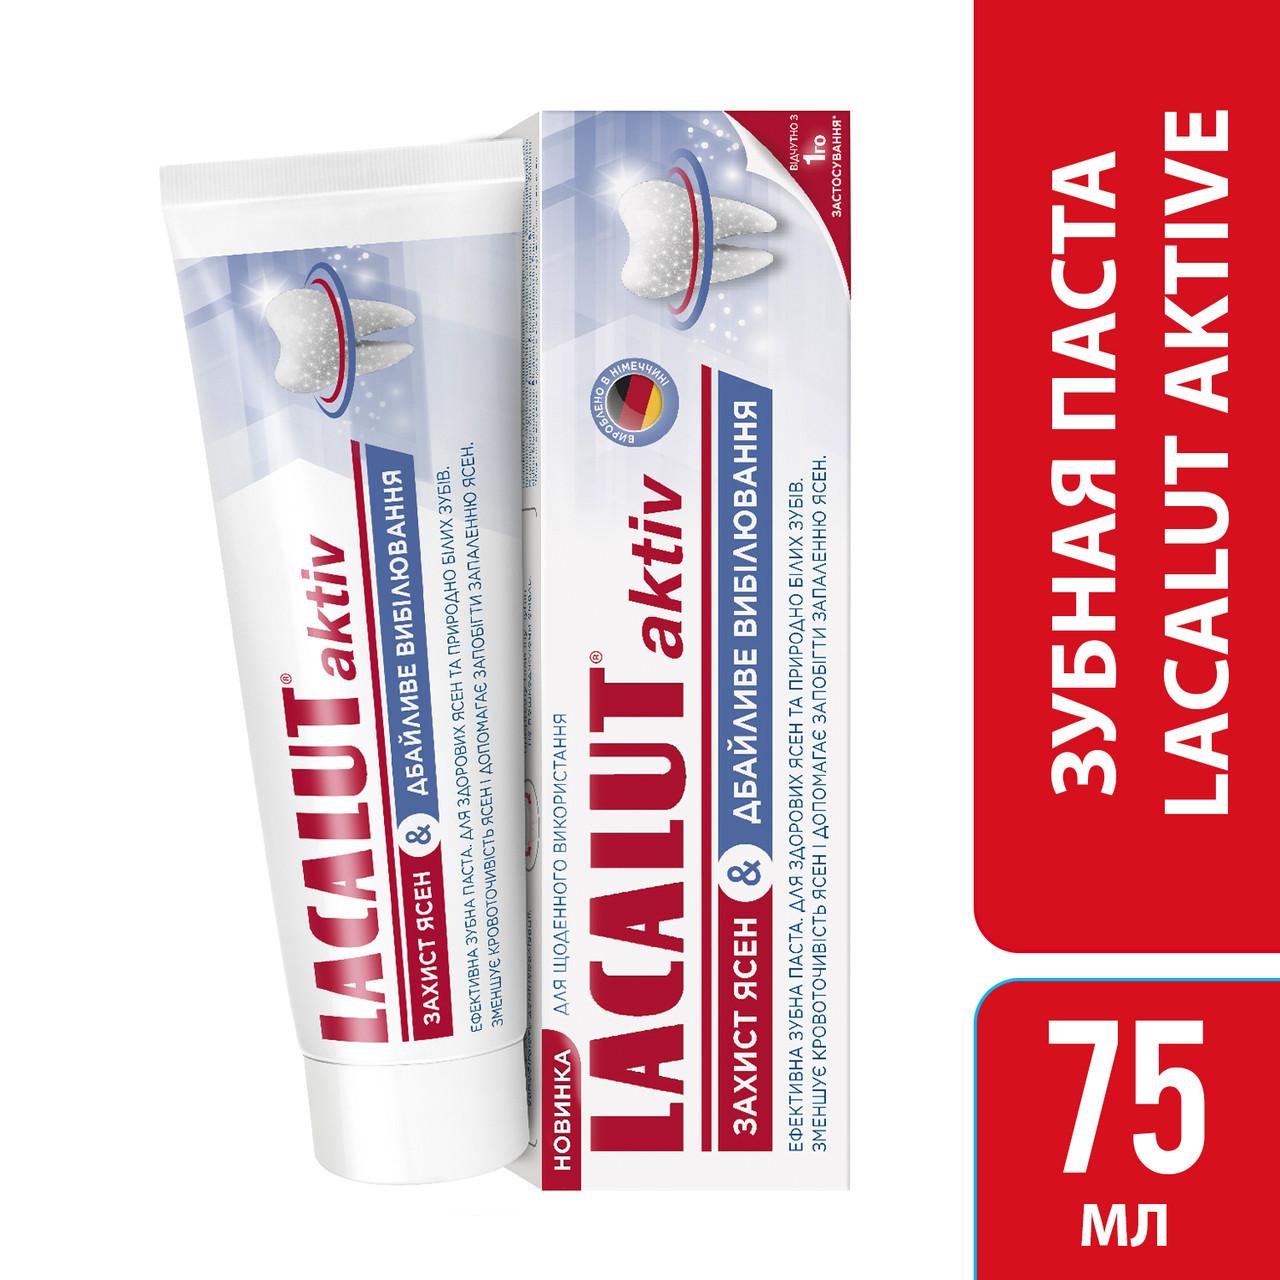 Лакалут актив захист ясен + дбайливе відбілювання зубна паста 75 мл, 1 шт.